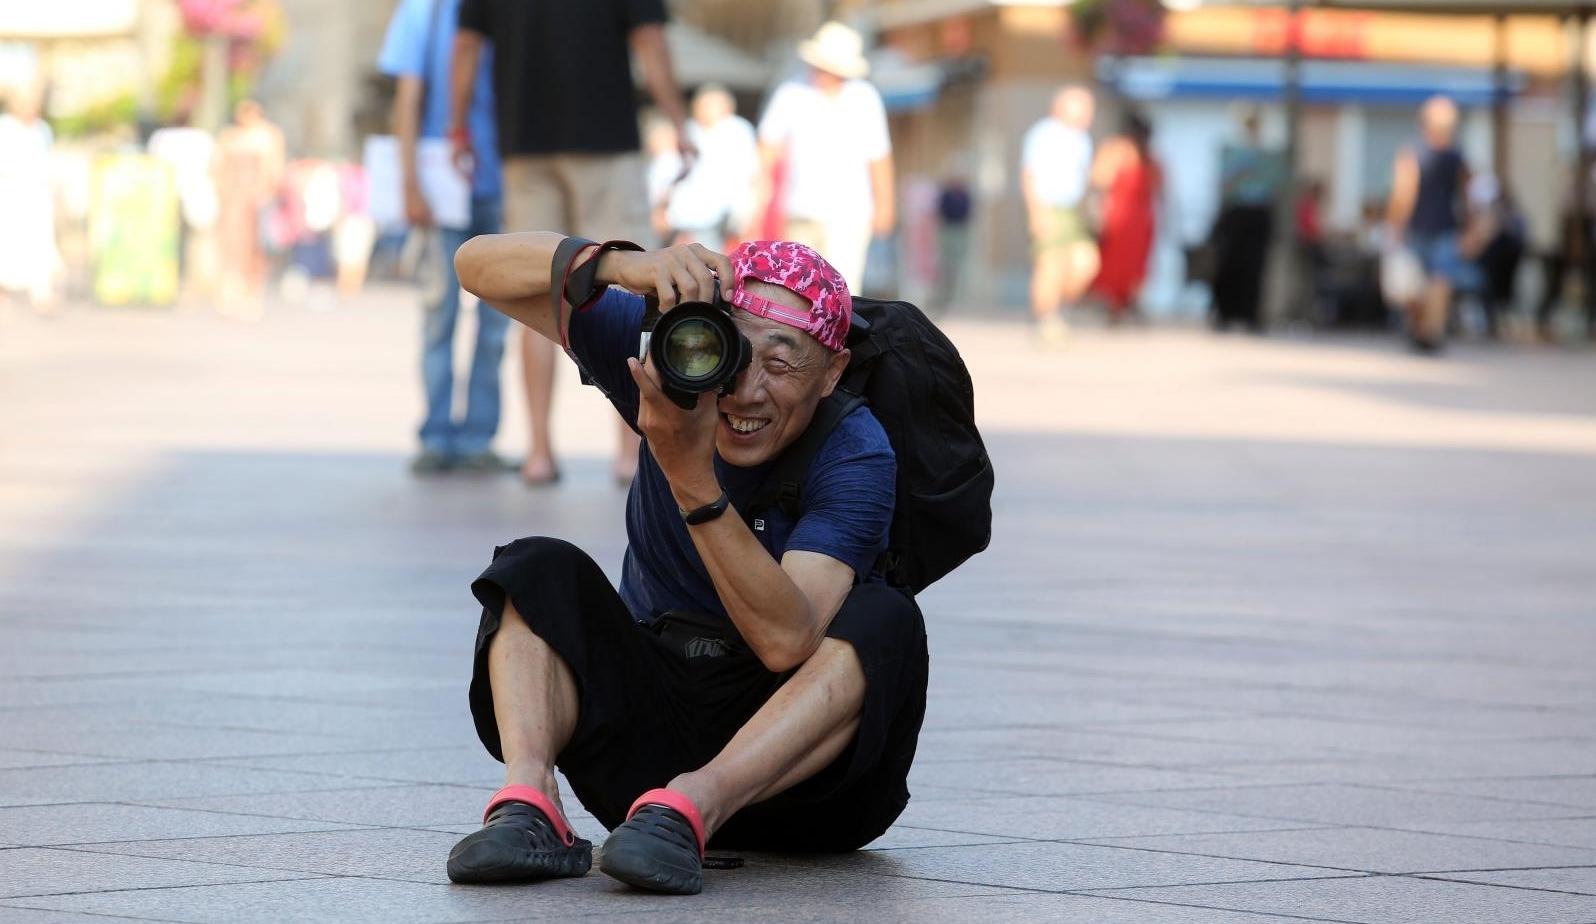 Foto Rijecane Na Korzu Iznenadio Fotograf Iz Kine Koji Snima Iz